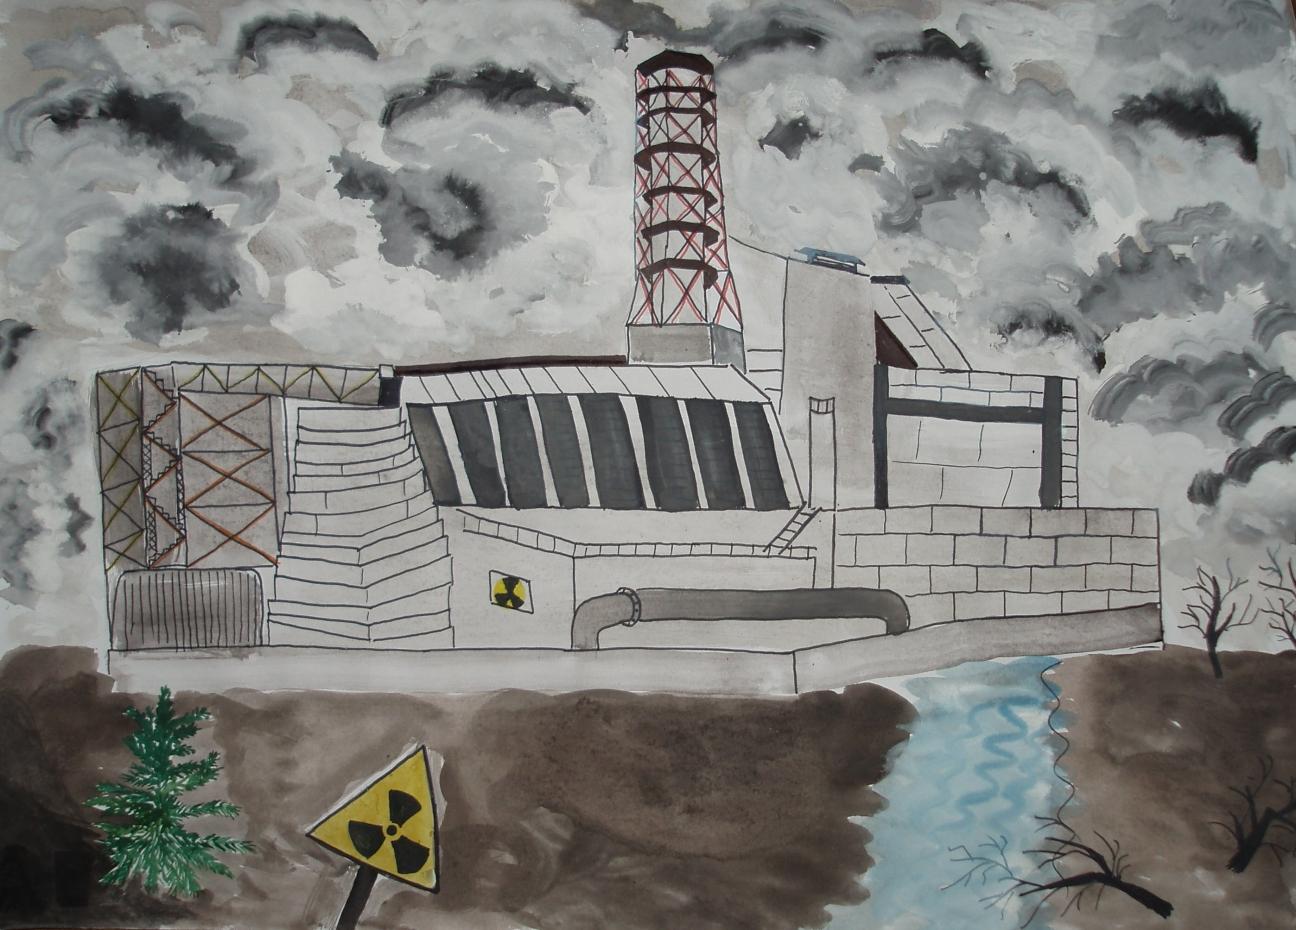 совсем картинки чернобыльской аэс рисовать долго